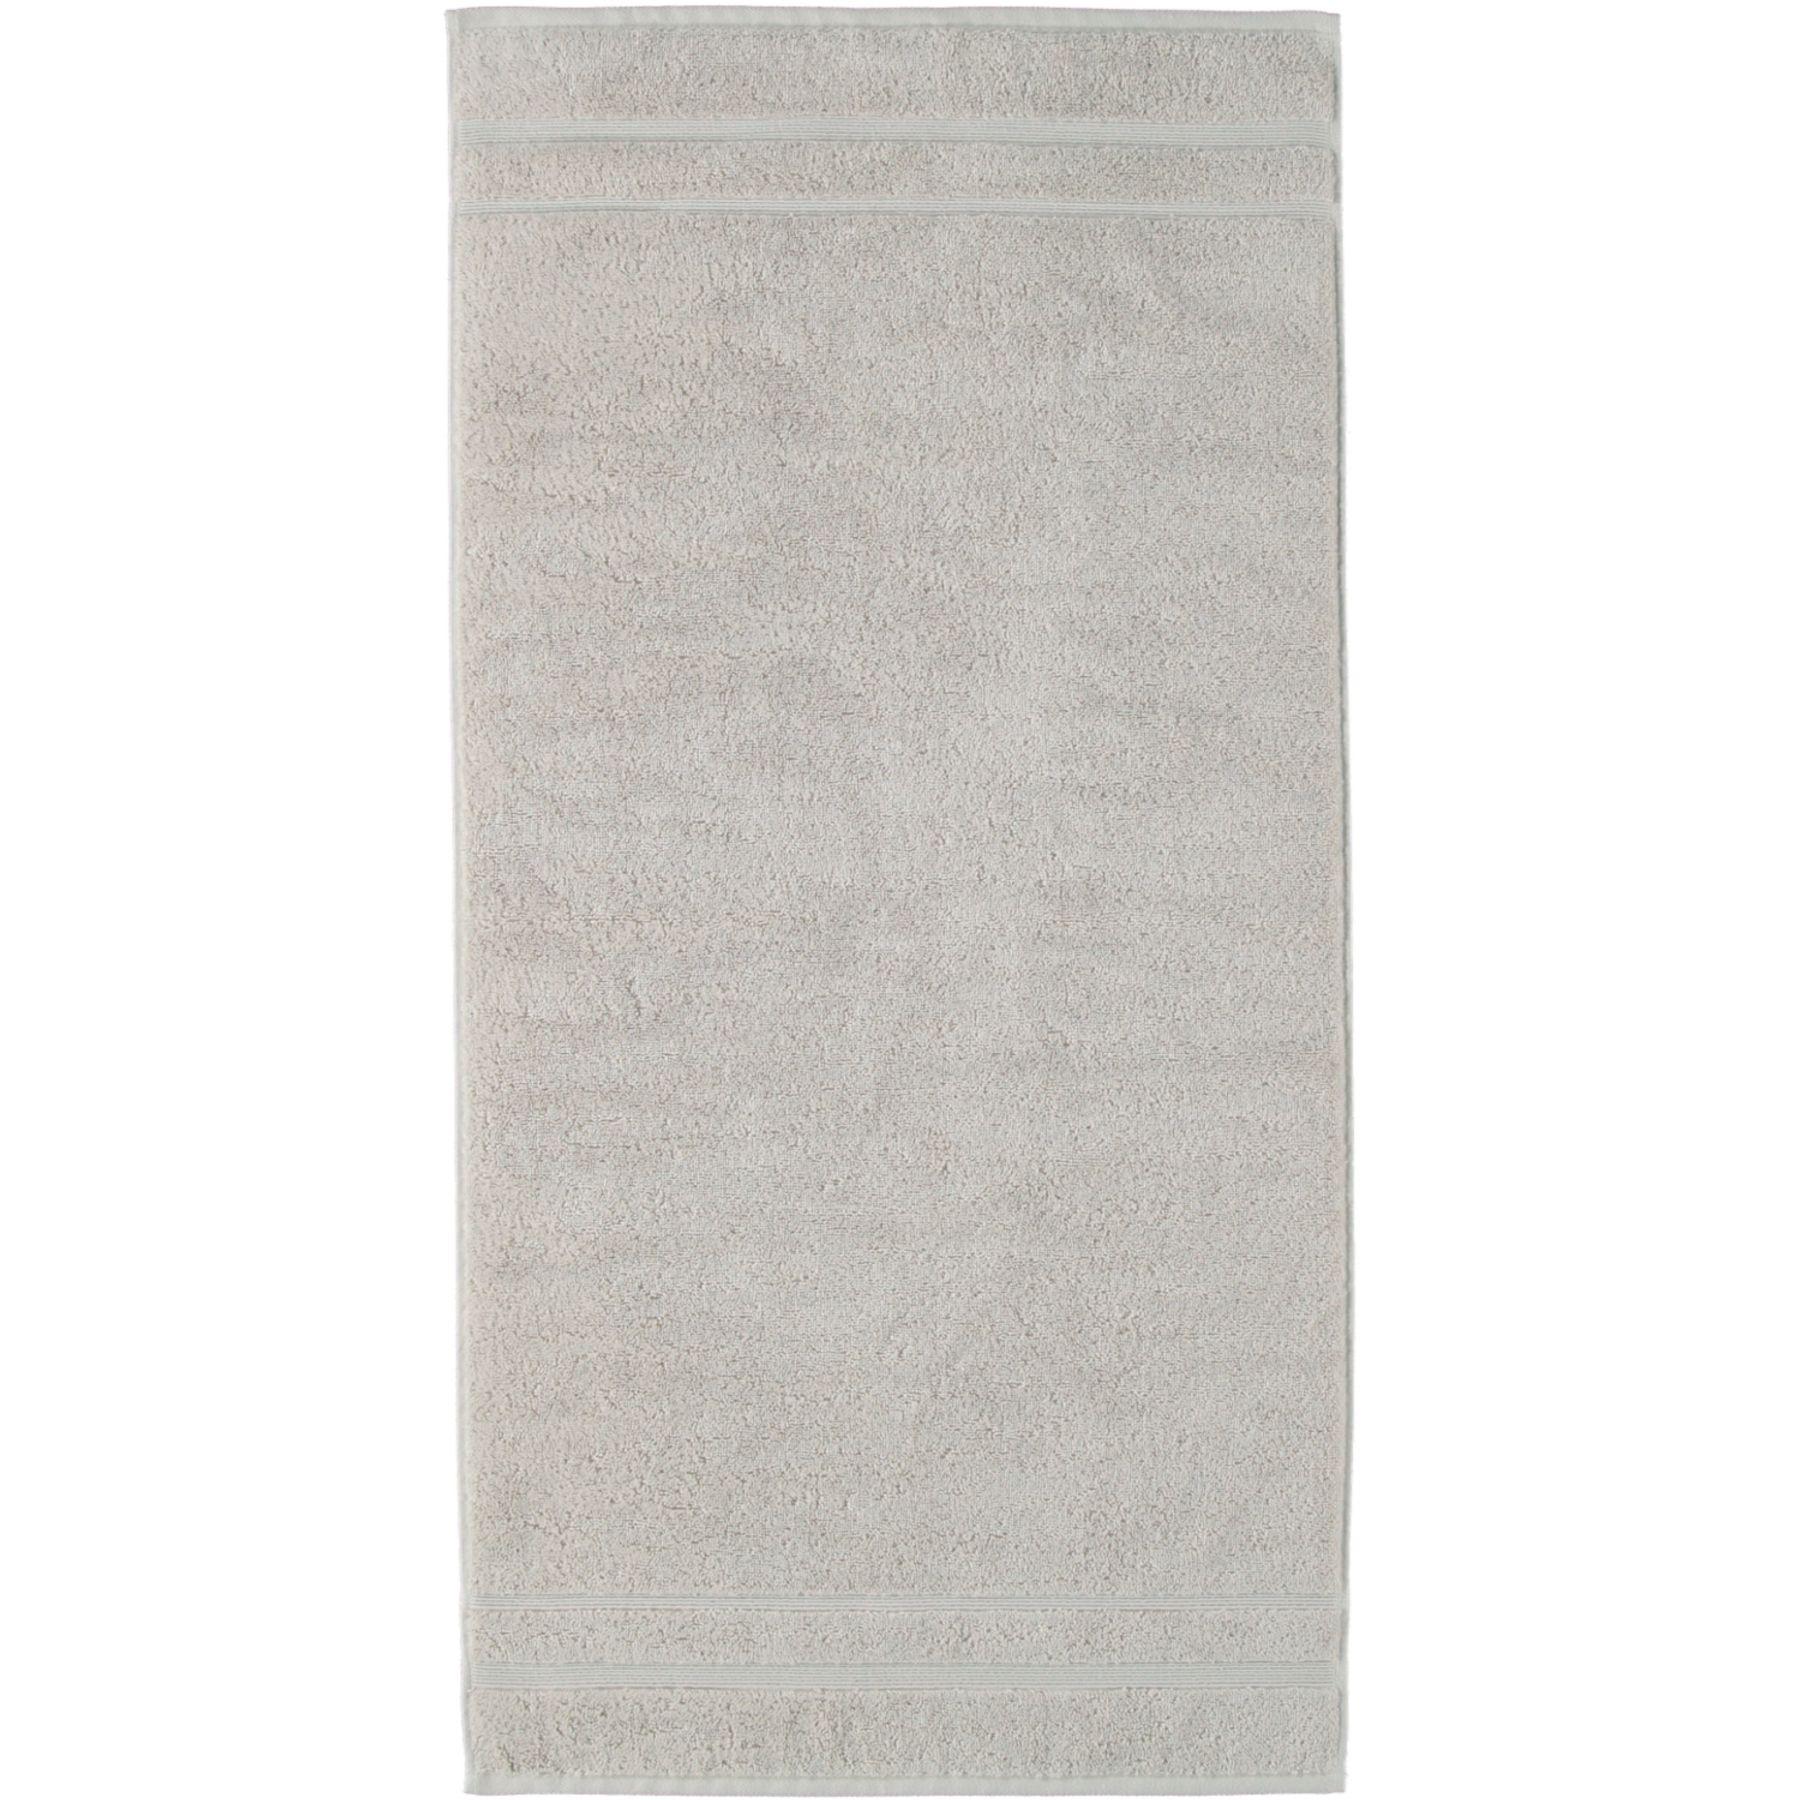 Cawö - Handtuch in verschiedenen Größen - Luxury Home (6000) – Bild 3